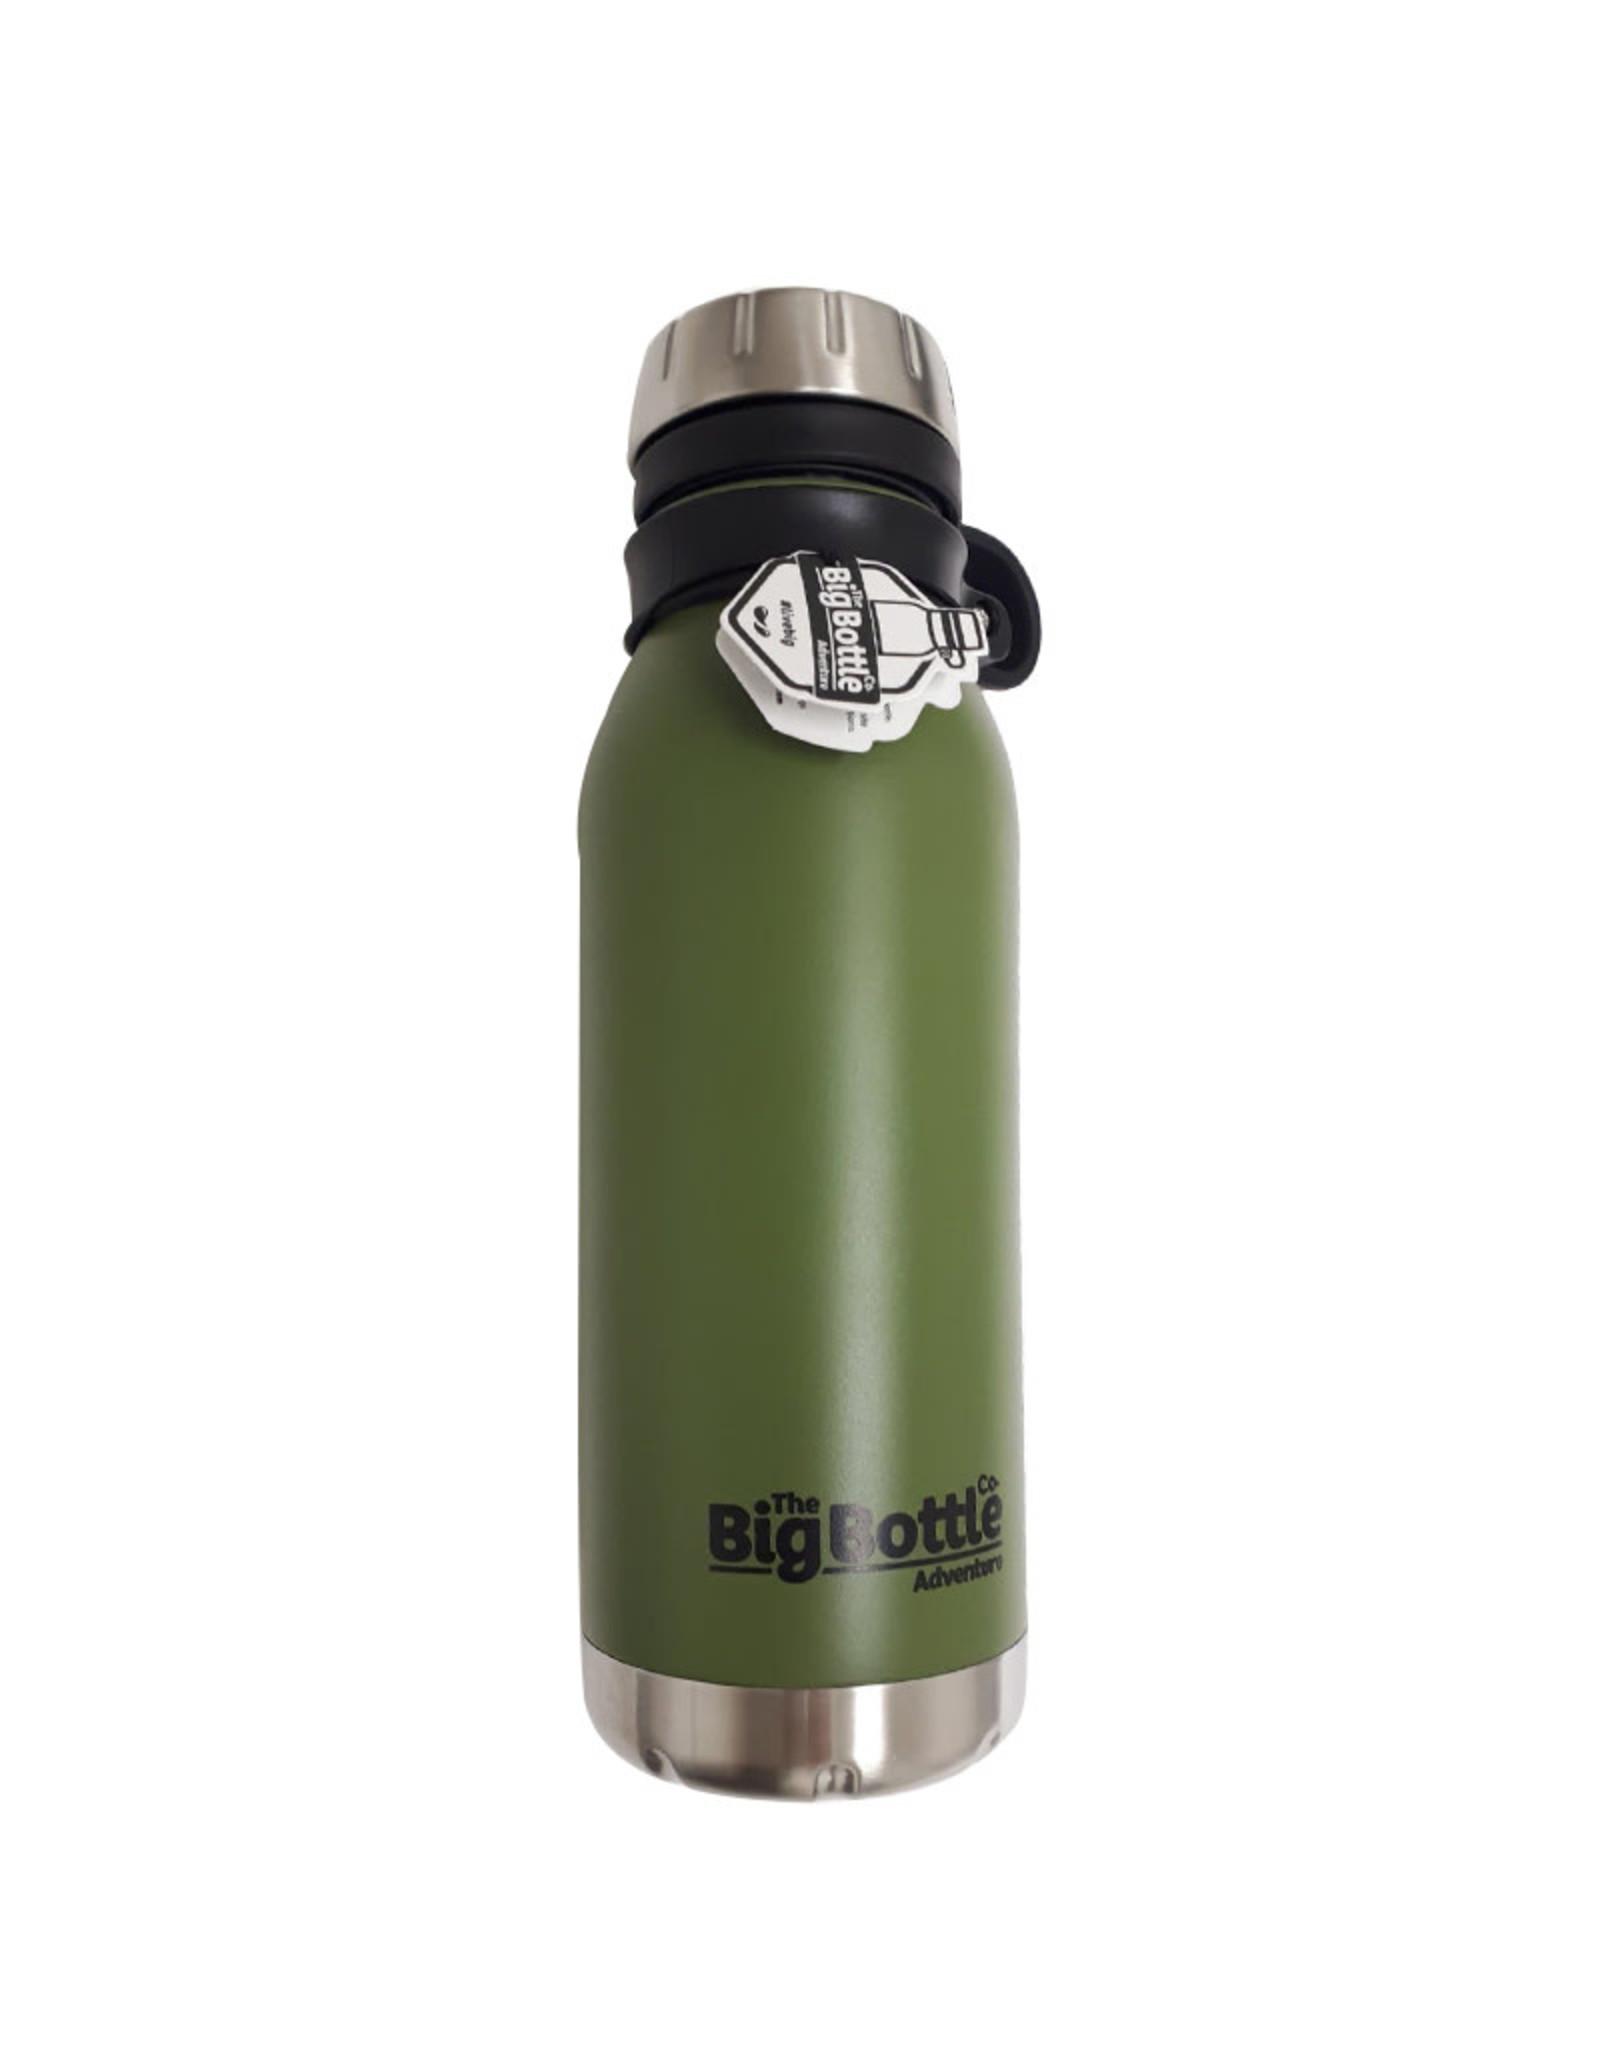 Big Bottle Co. Big Bottle Co. - Bouteille Isolée Acier Inox, Commando Adventure (500ml)